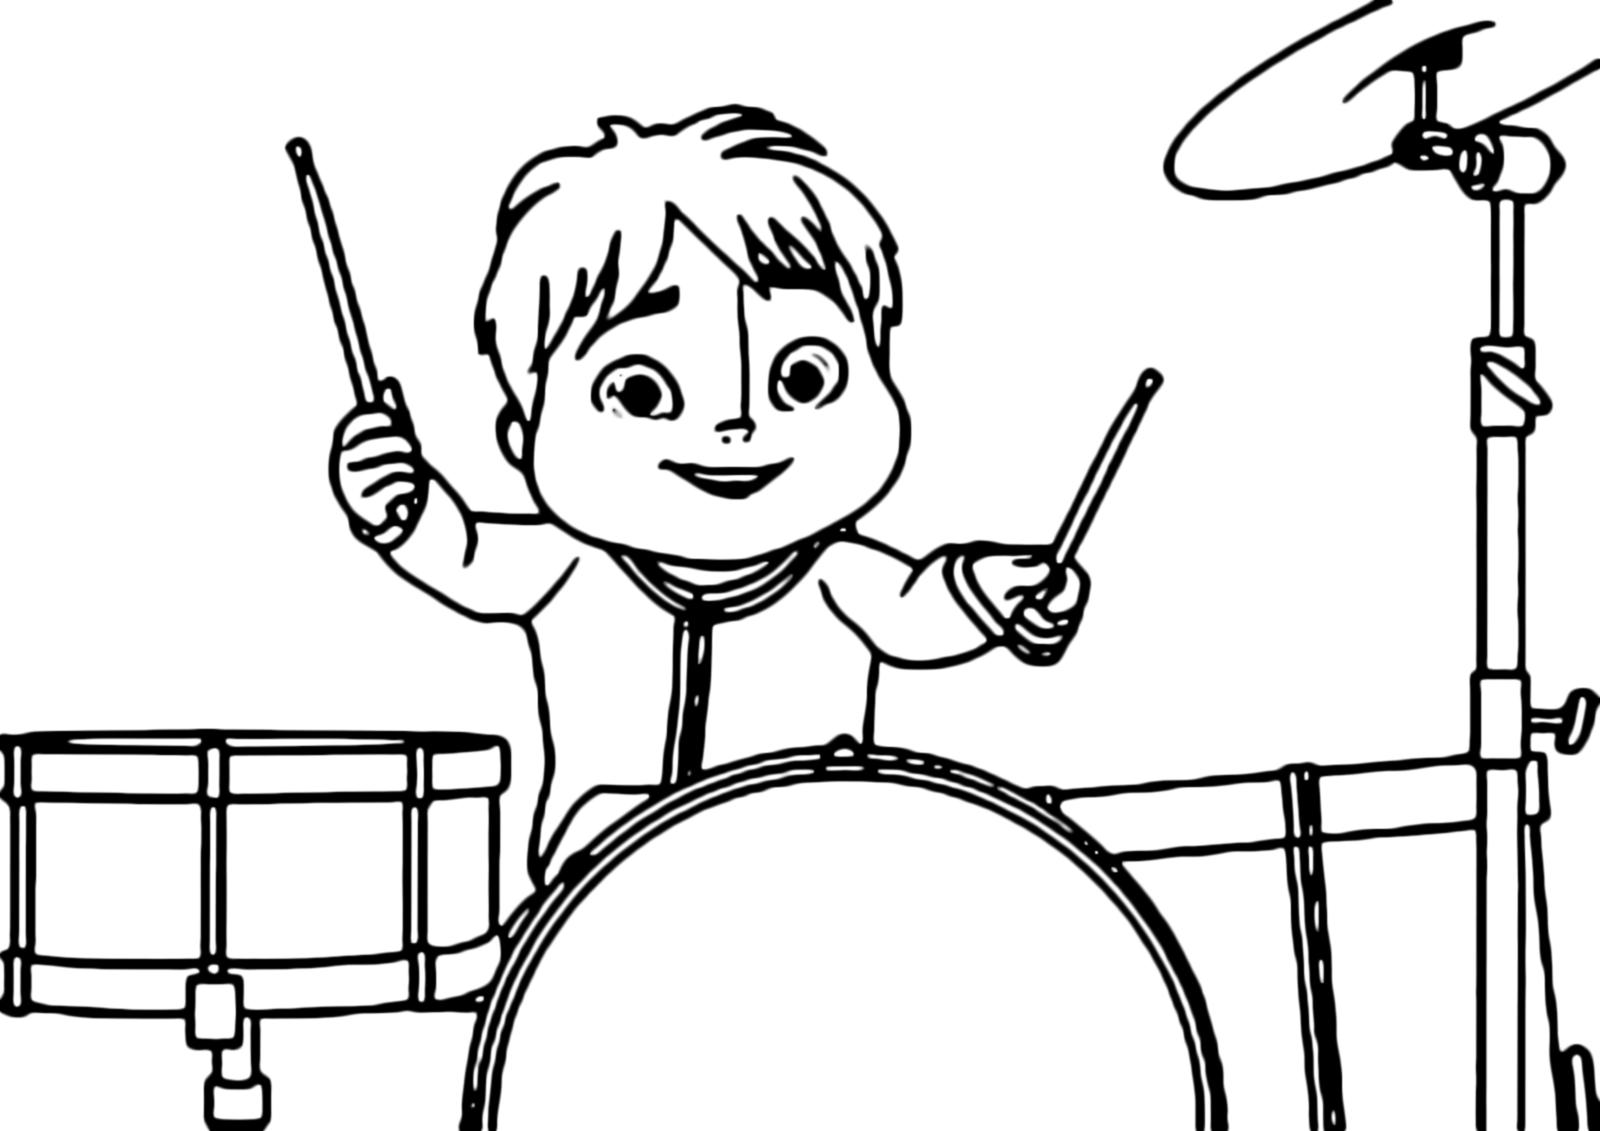 Alvin and the chipmunks theodore suona la batteria for Immagini da colorare alvin